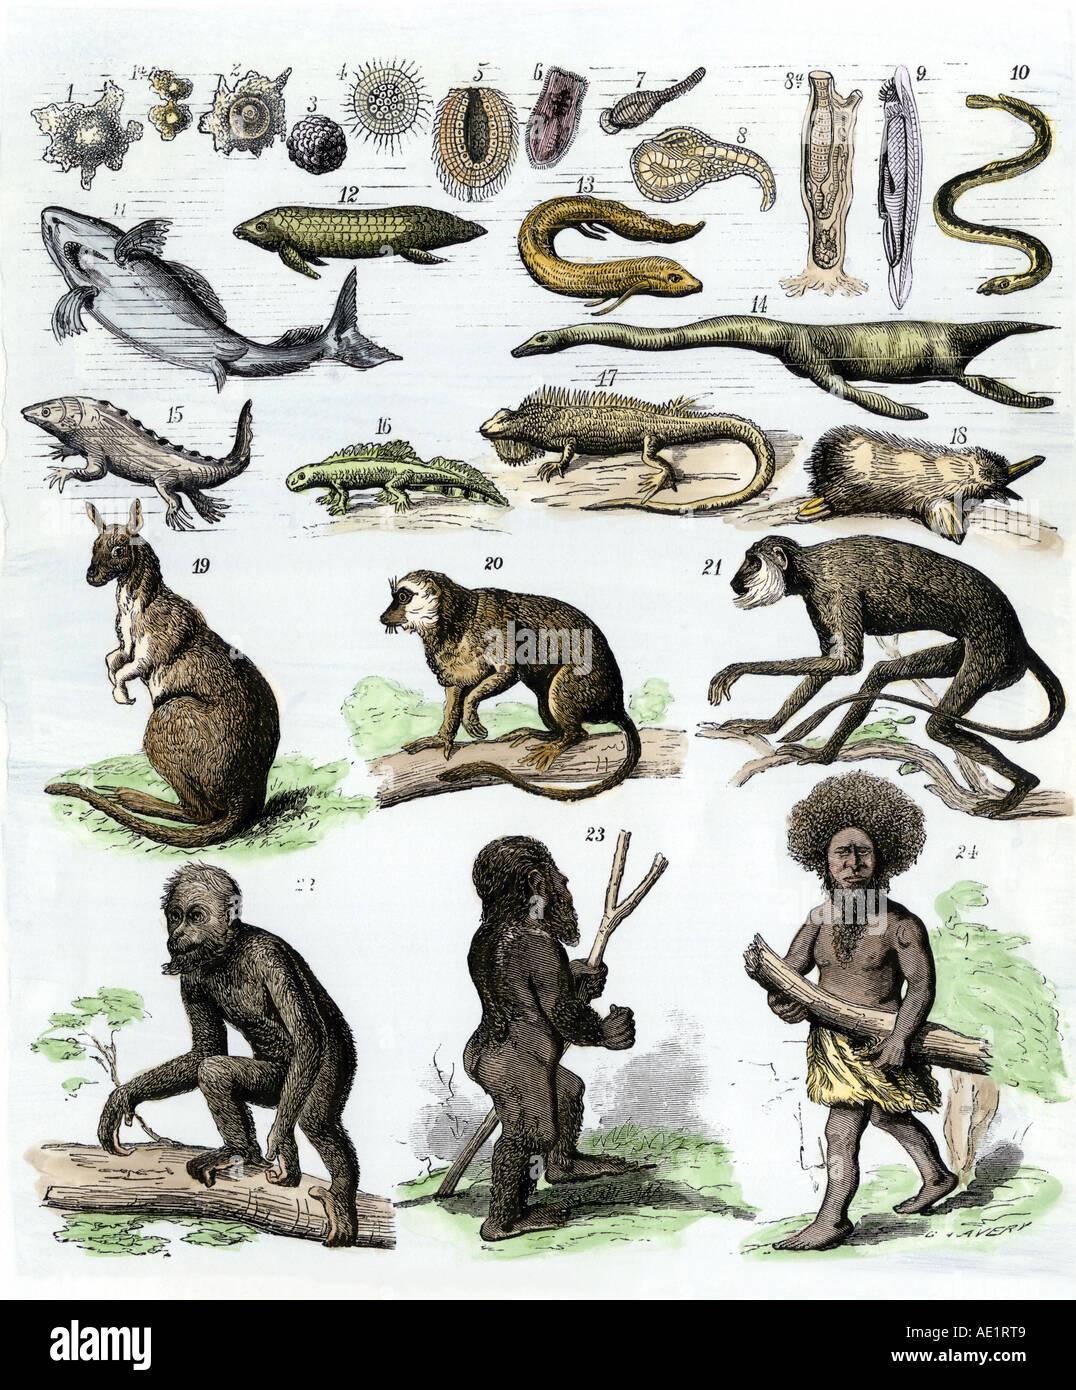 Théorie de la descente de l'homme tel qu'illustré dans les années 1870. À la main, gravure sur bois Photo Stock